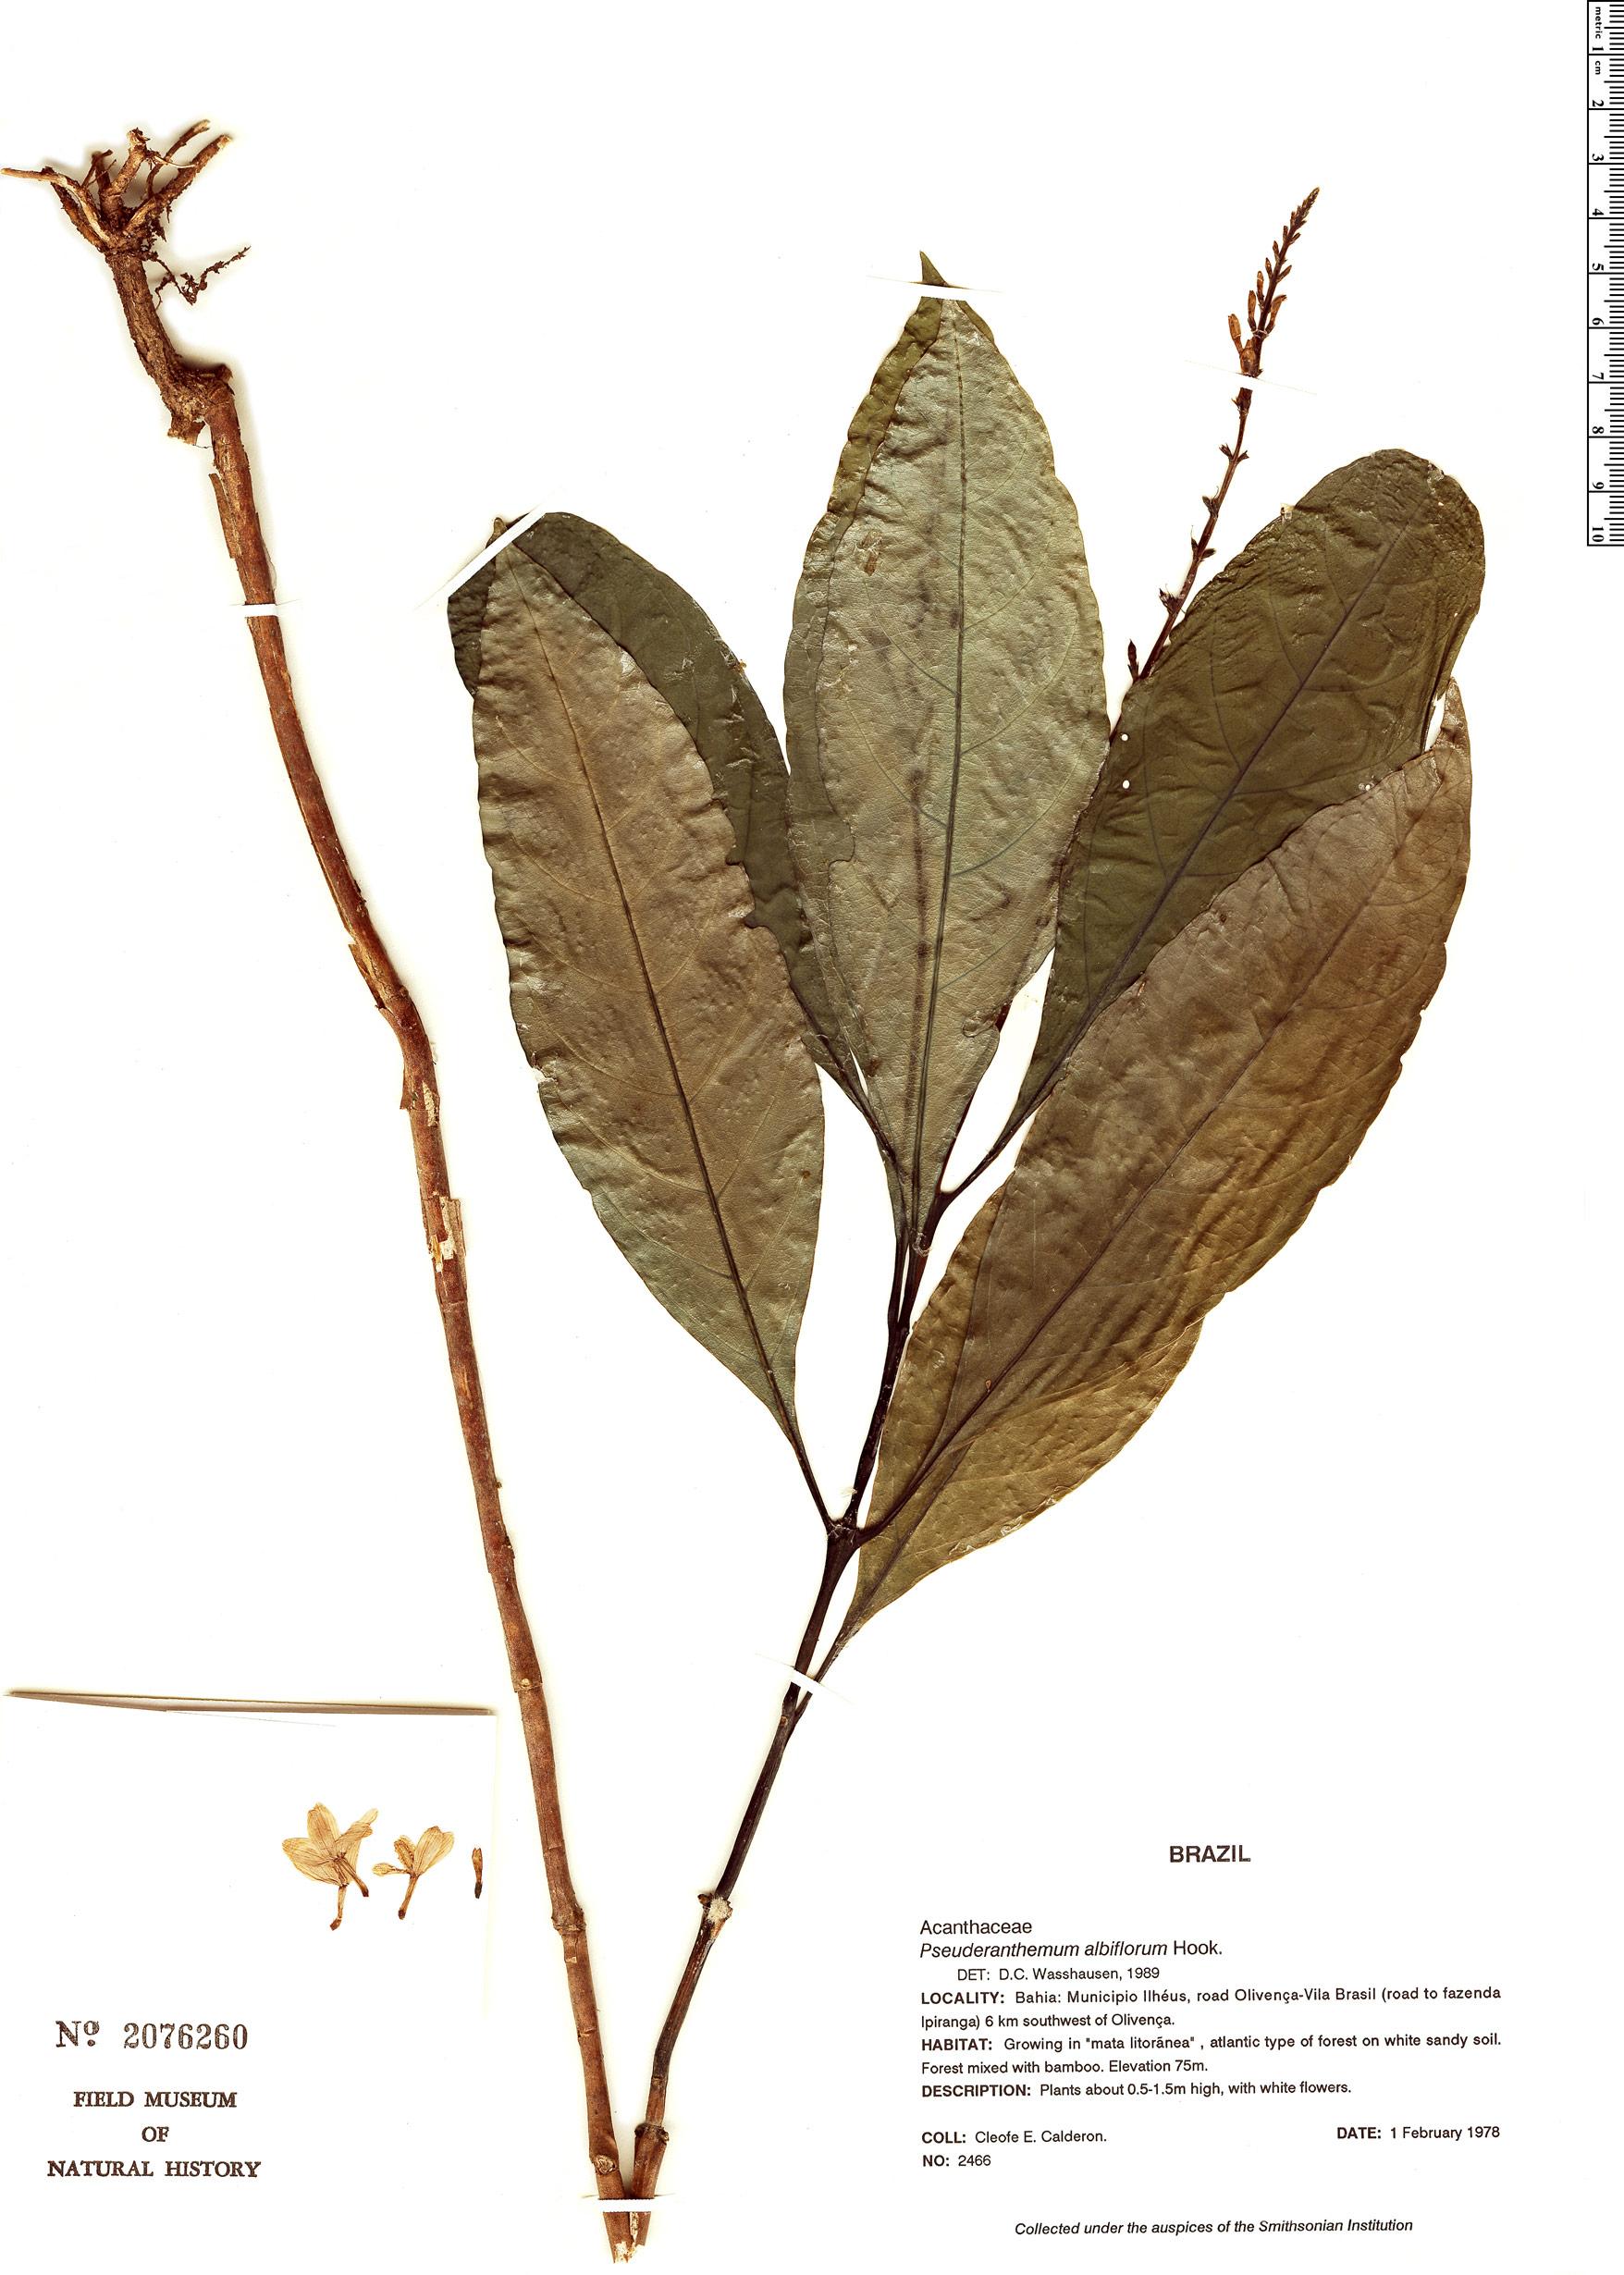 Specimen: Pseuderanthemum albiflorum